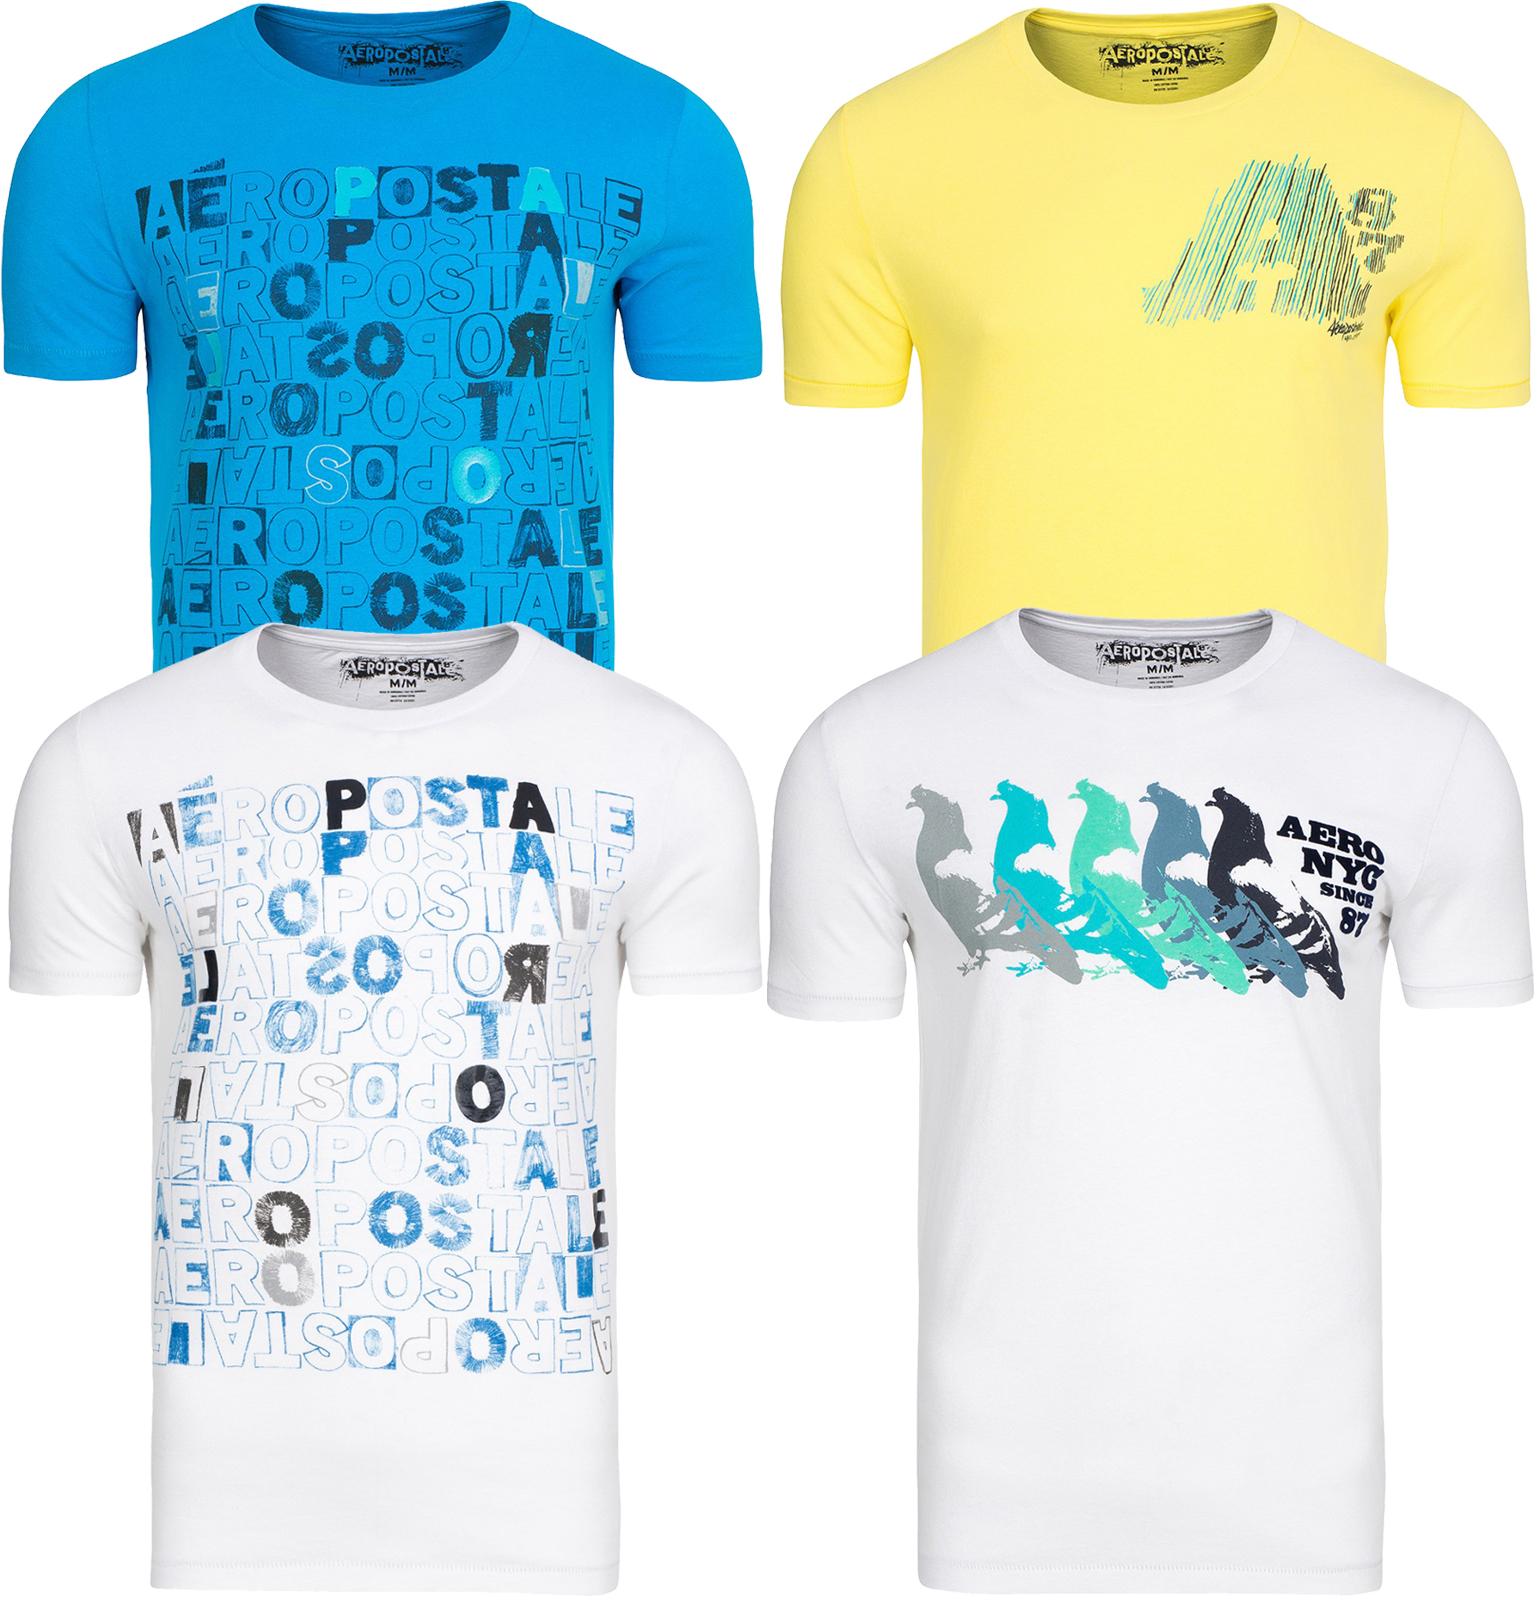 [outlet46] Aeropostale Shirts weiß / gelb (XS-M) für 2,99€